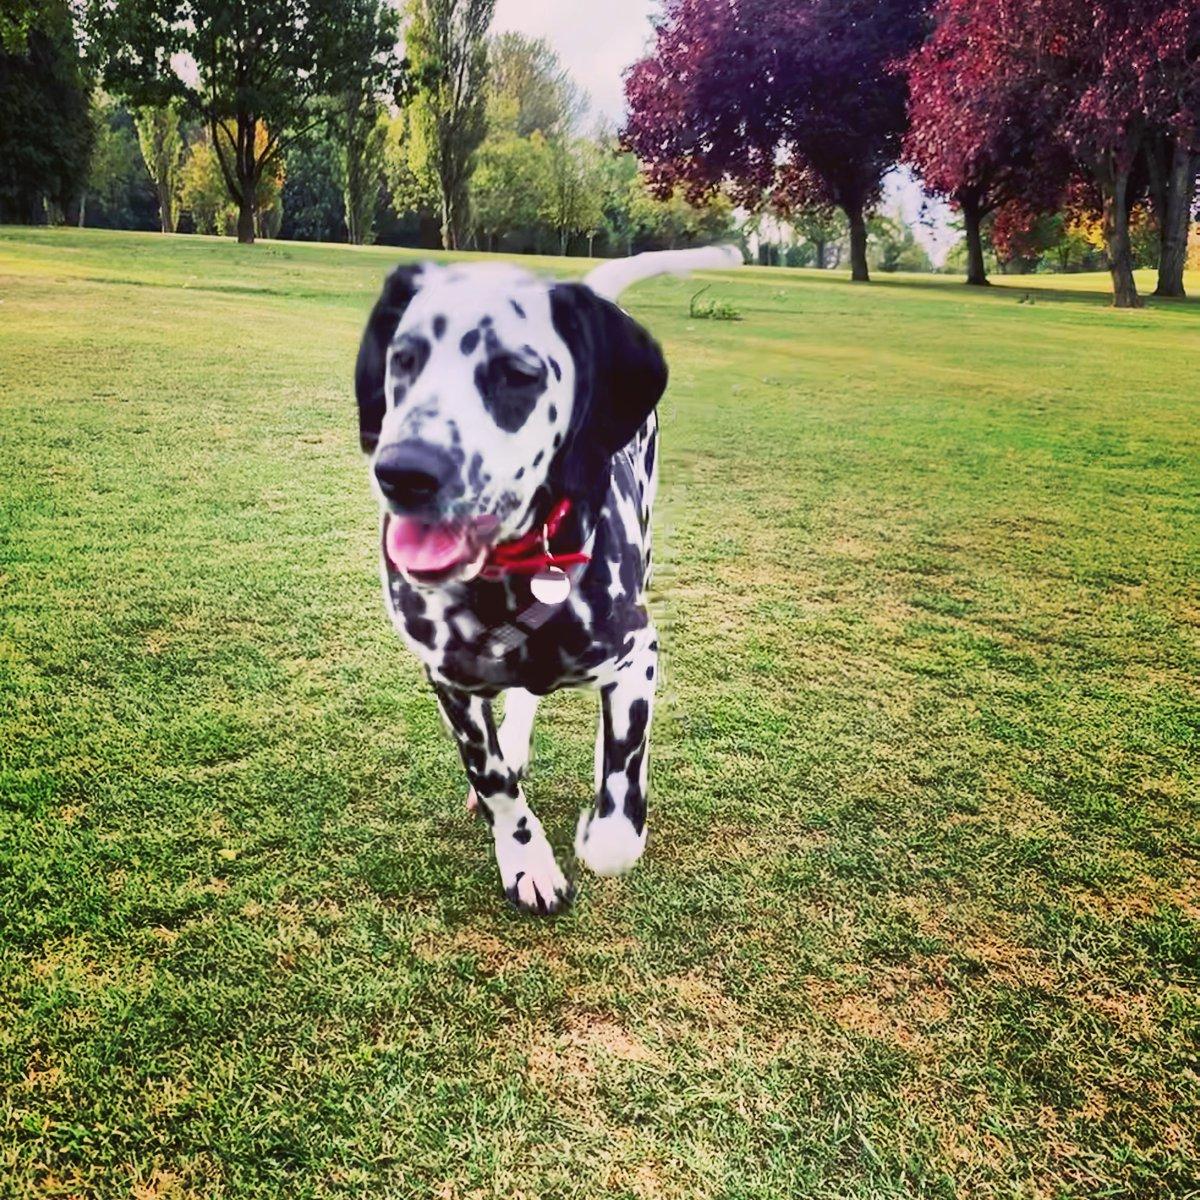 #dalmatians #puppylove #running https://t.co/f766hUkPWW